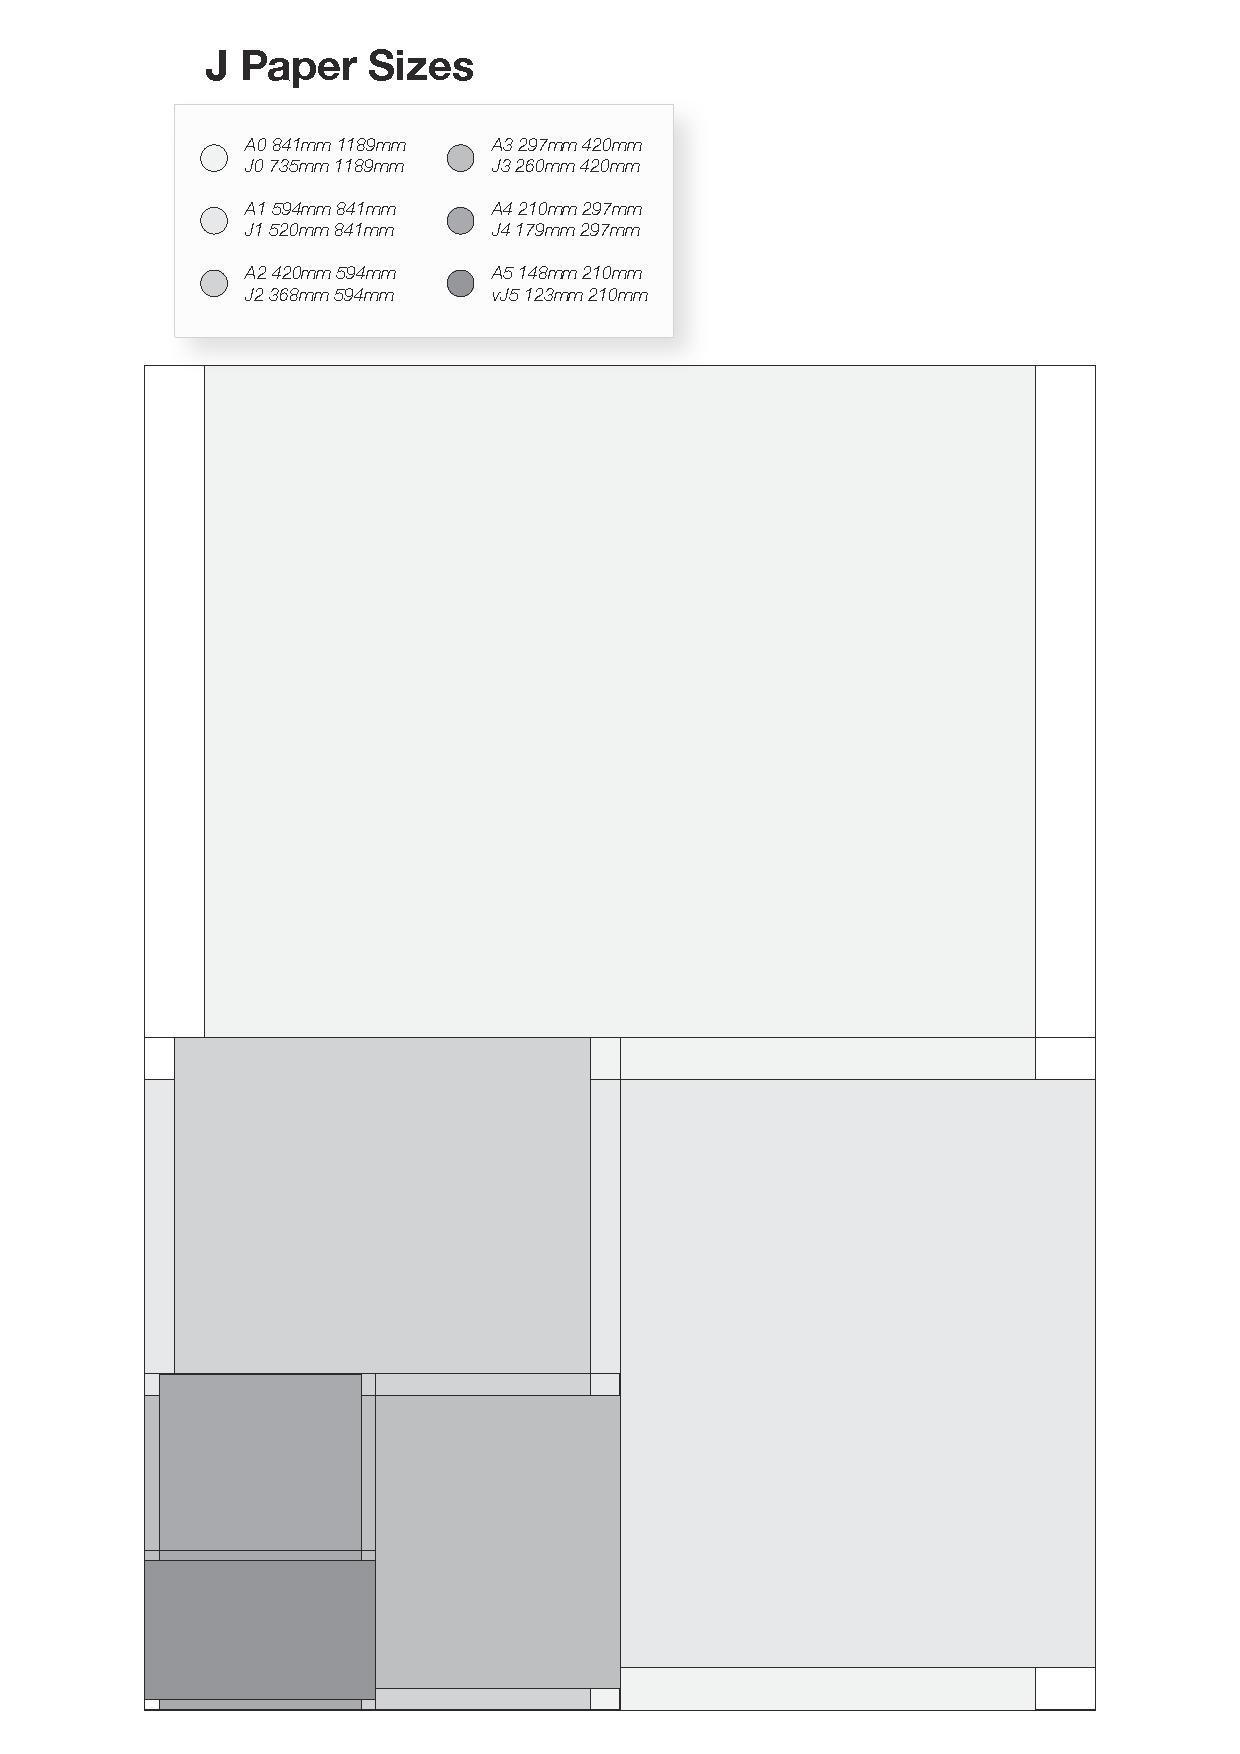 filej series paper sizespdf wikipedia